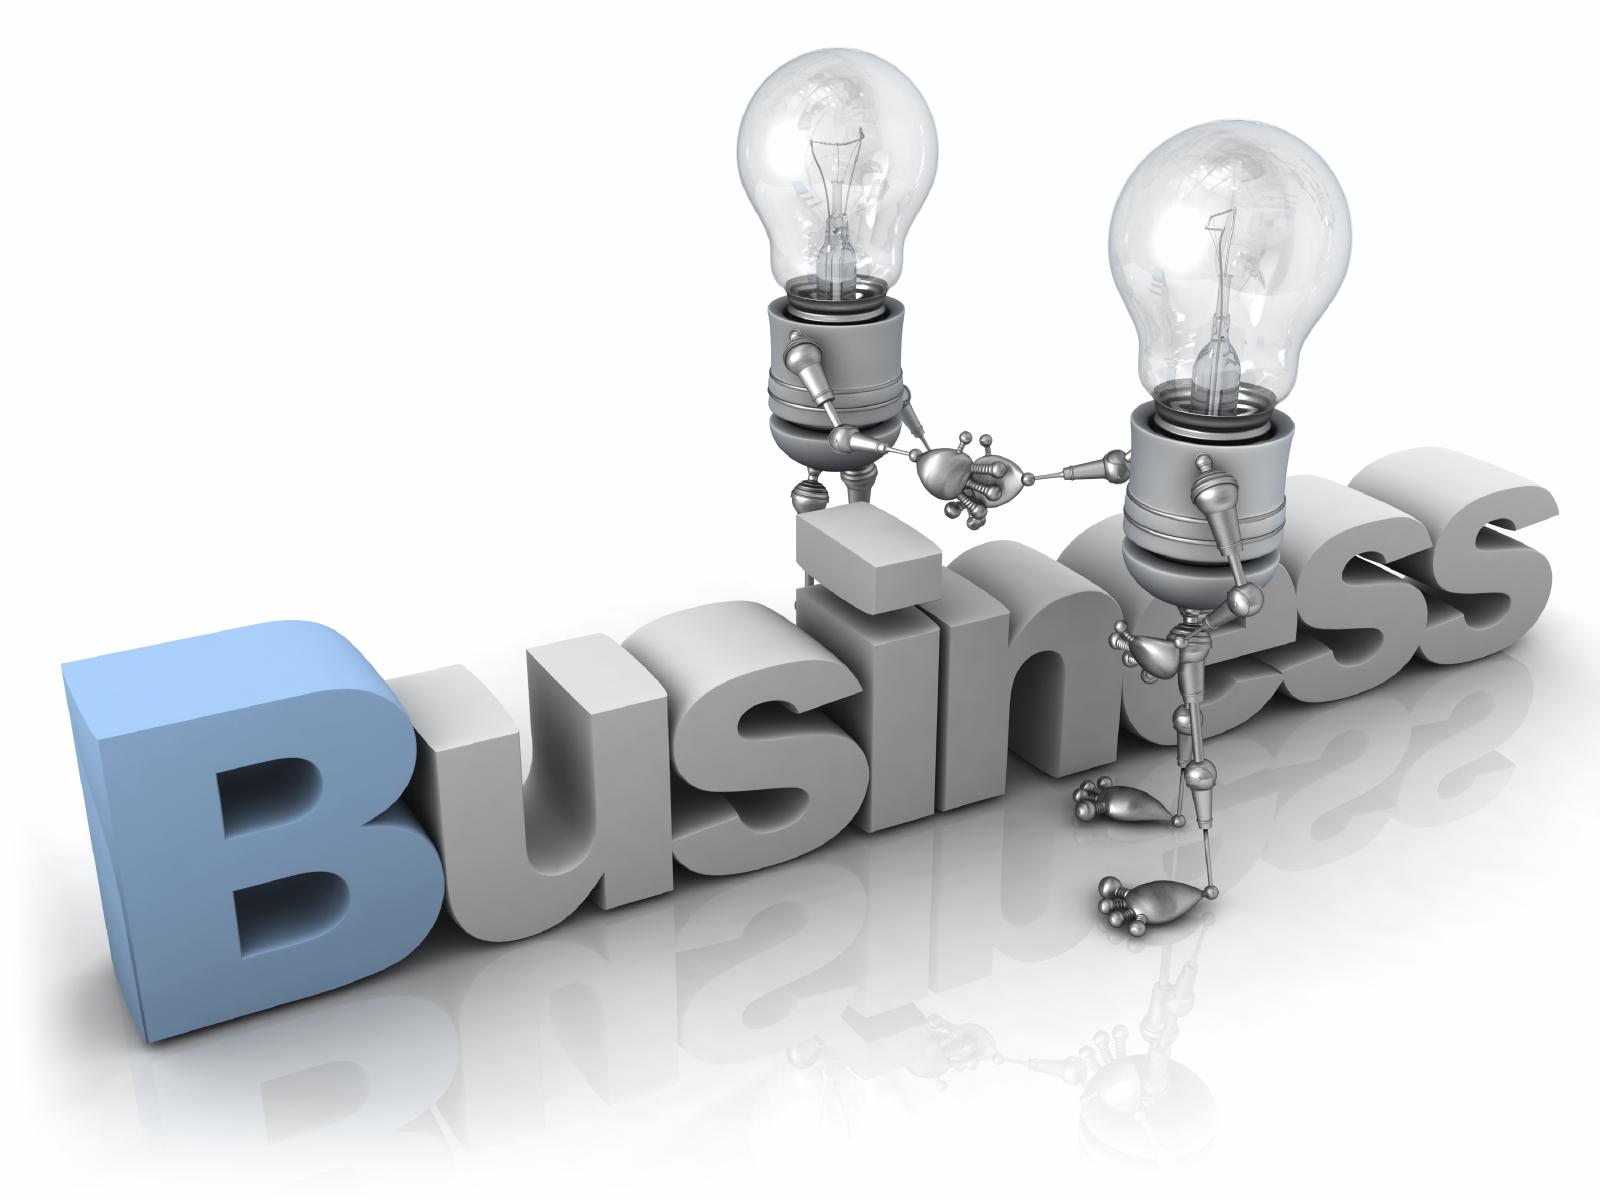 Bí quyết xây dựng công việc kinh doanh bền vững